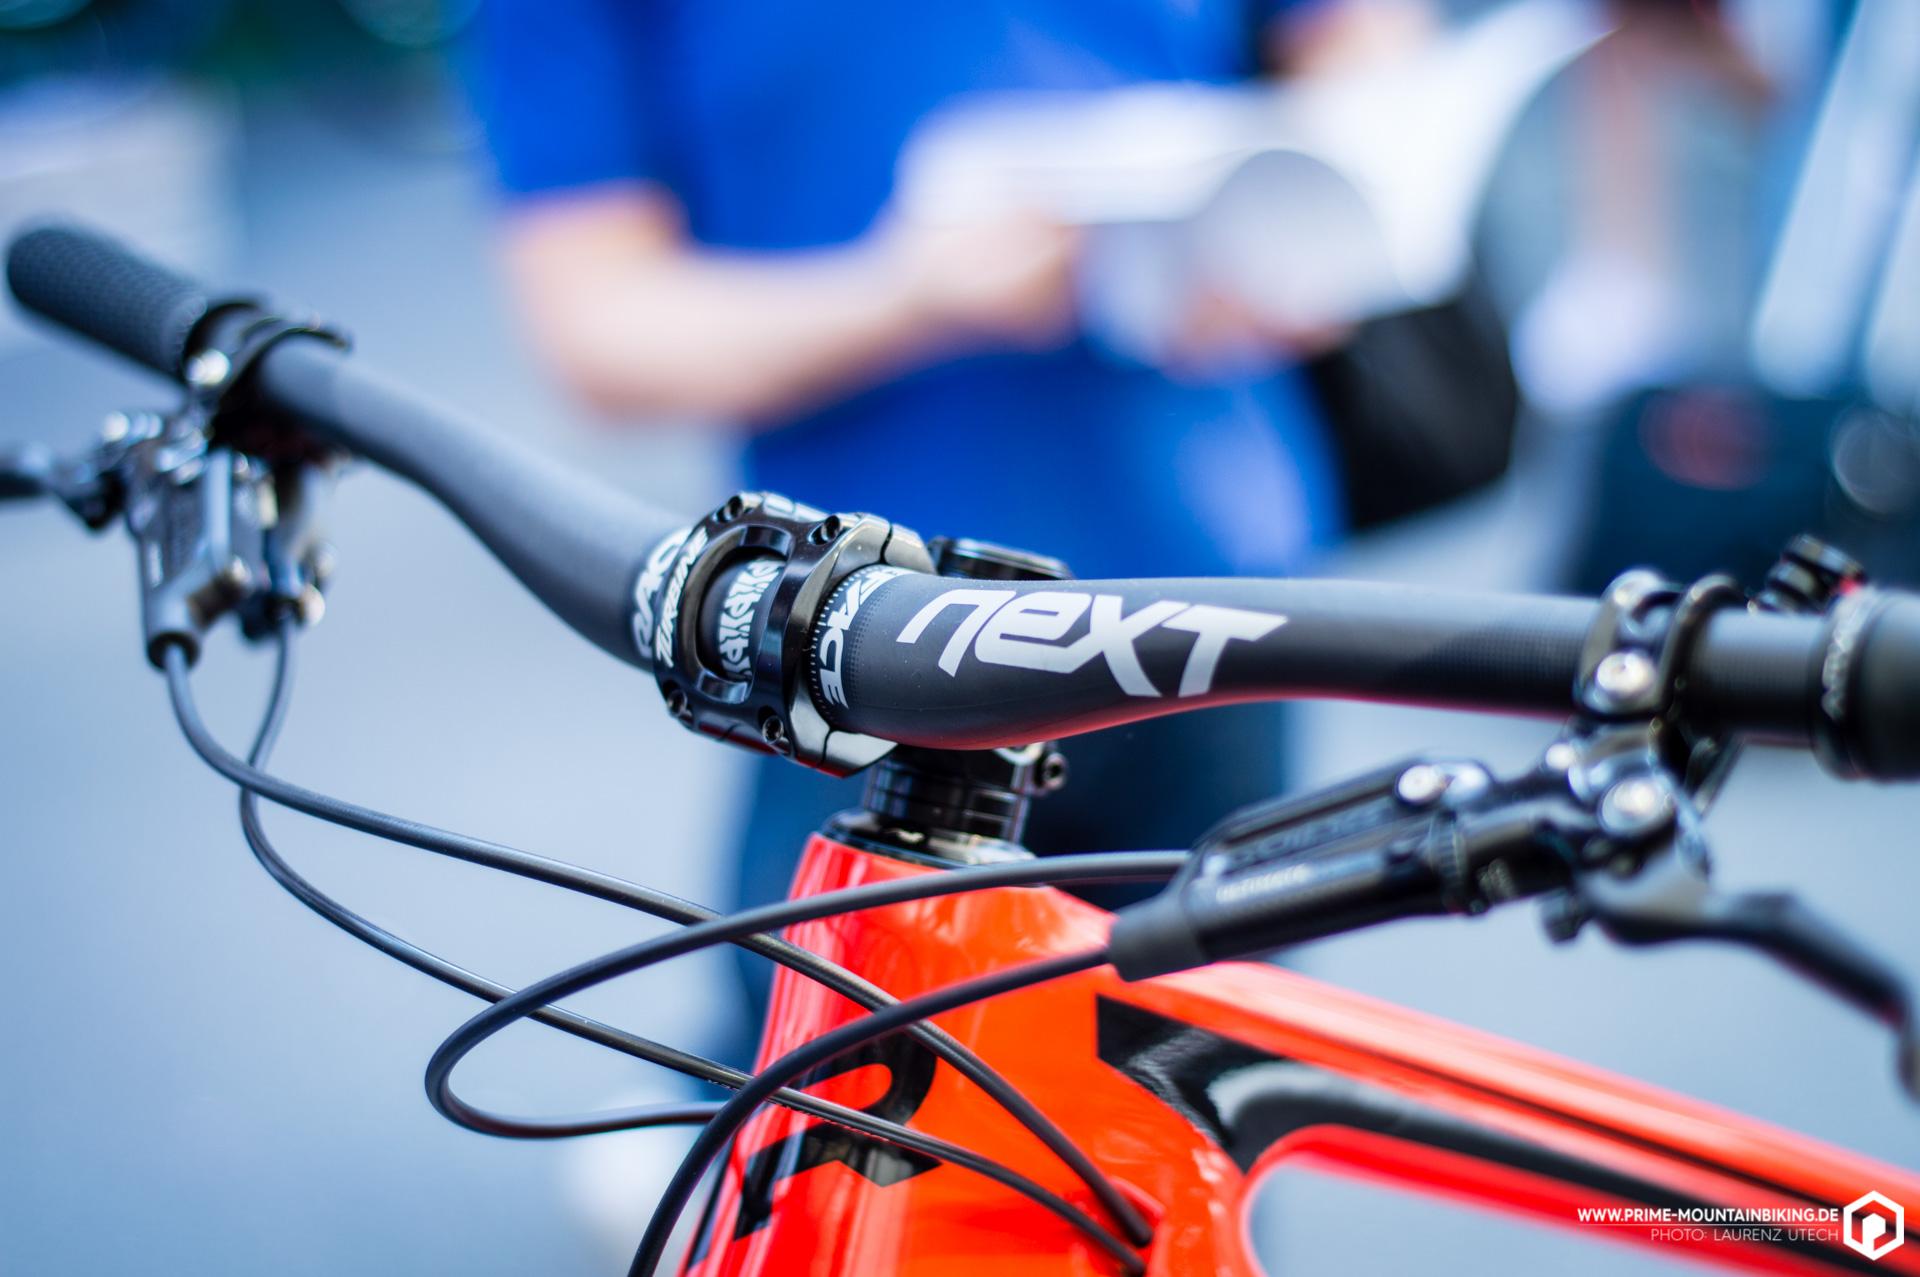 Auch im Cockpit des Trailbikes ist Carbon im Spiel: Der Next Lenker von Race Face sorgt für Kontrolle bei niedrigem Gewicht.